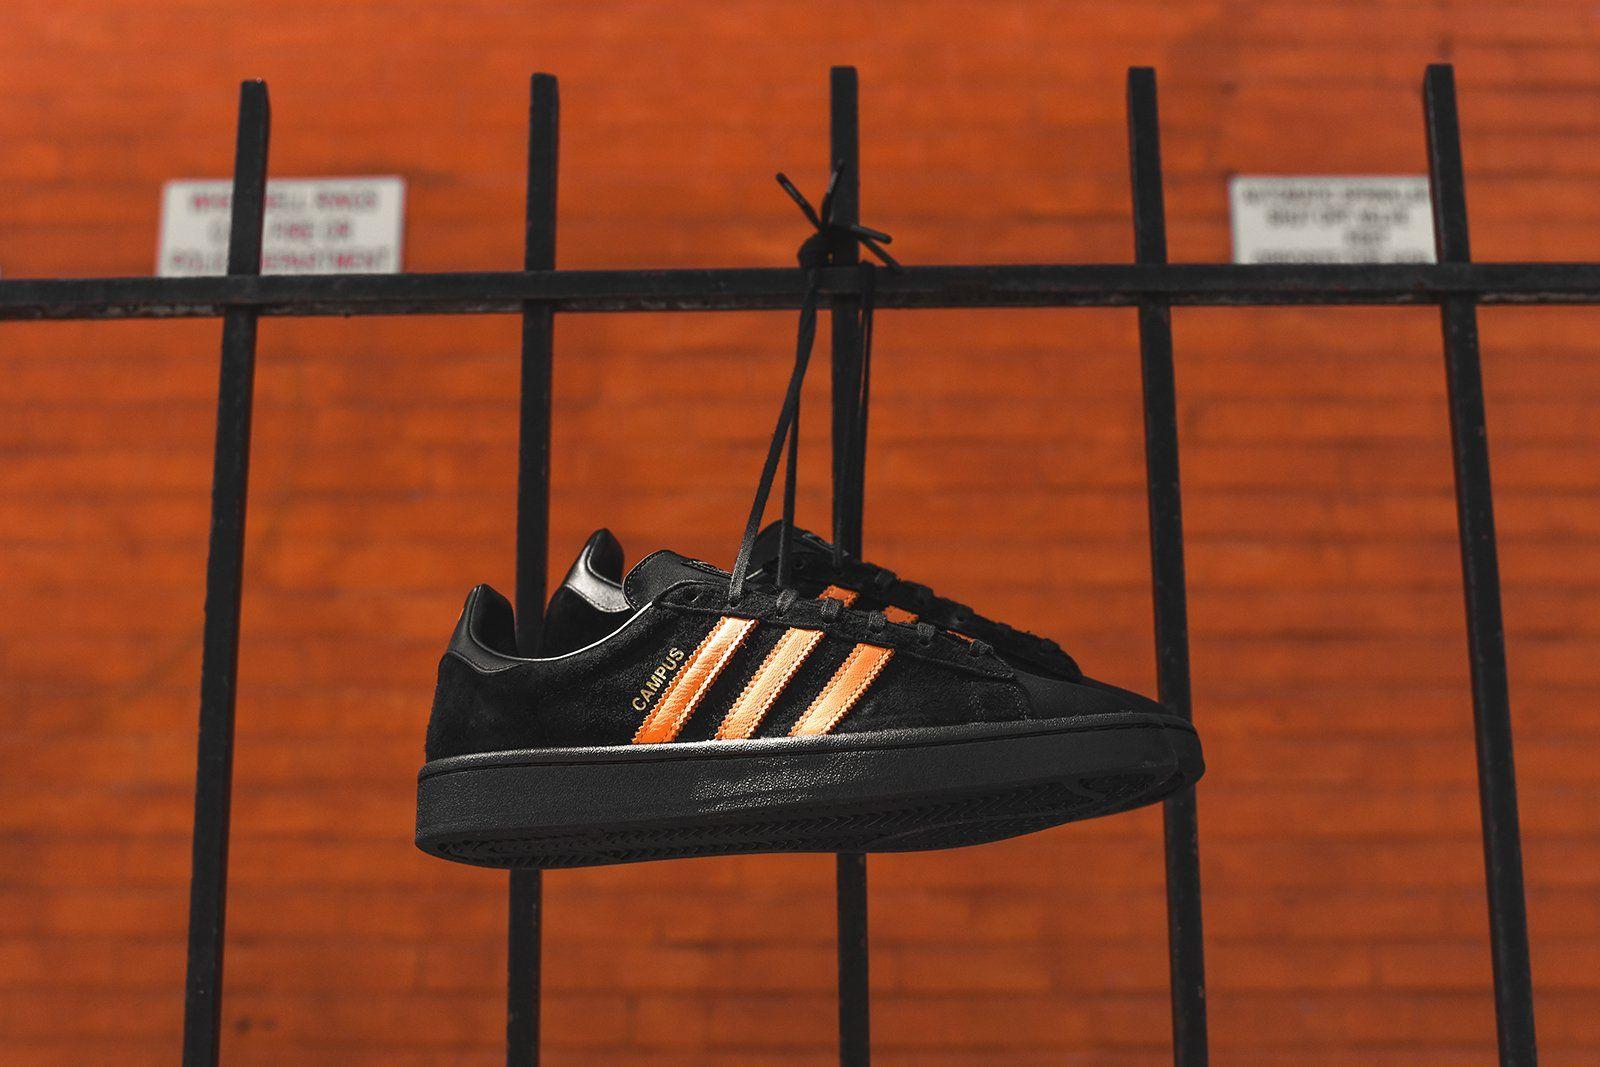 b2f60d995857 adidas Consortium x Porter Campus - Black   Orange - 3 in 2019 ...